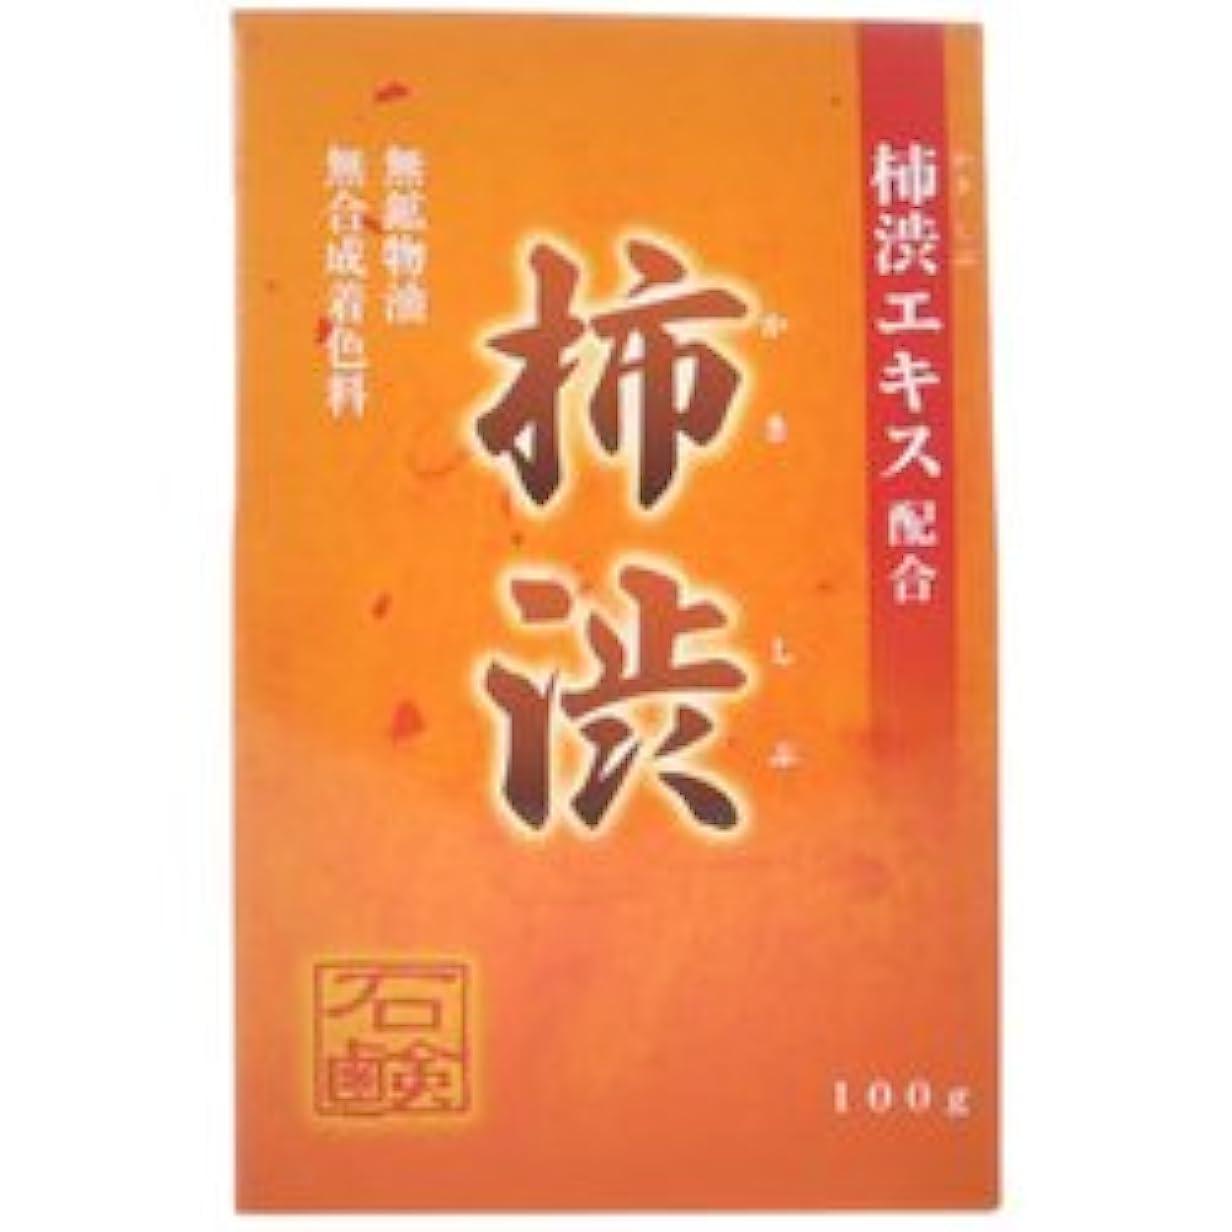 【アール?エイチ?ビープロダクト】新 柿渋石鹸 100g ×5個セット